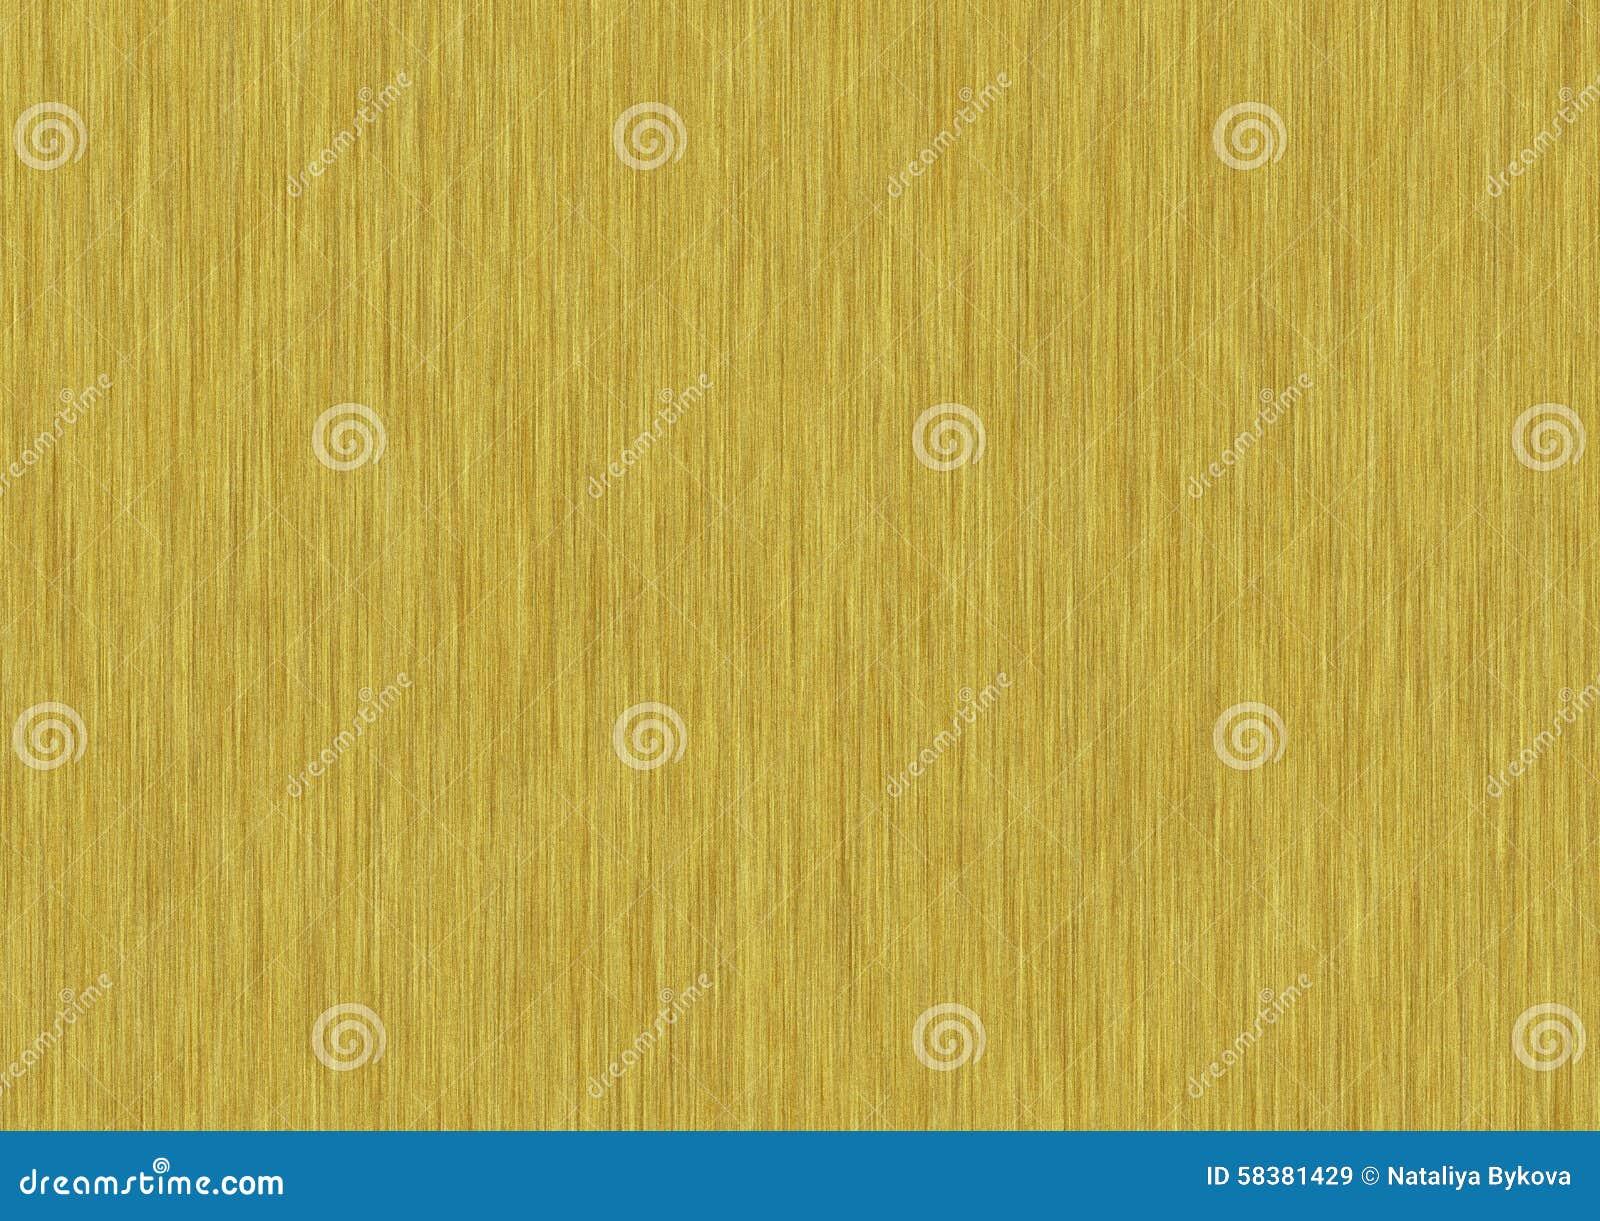 Textura superficial de madera laqueada de oro